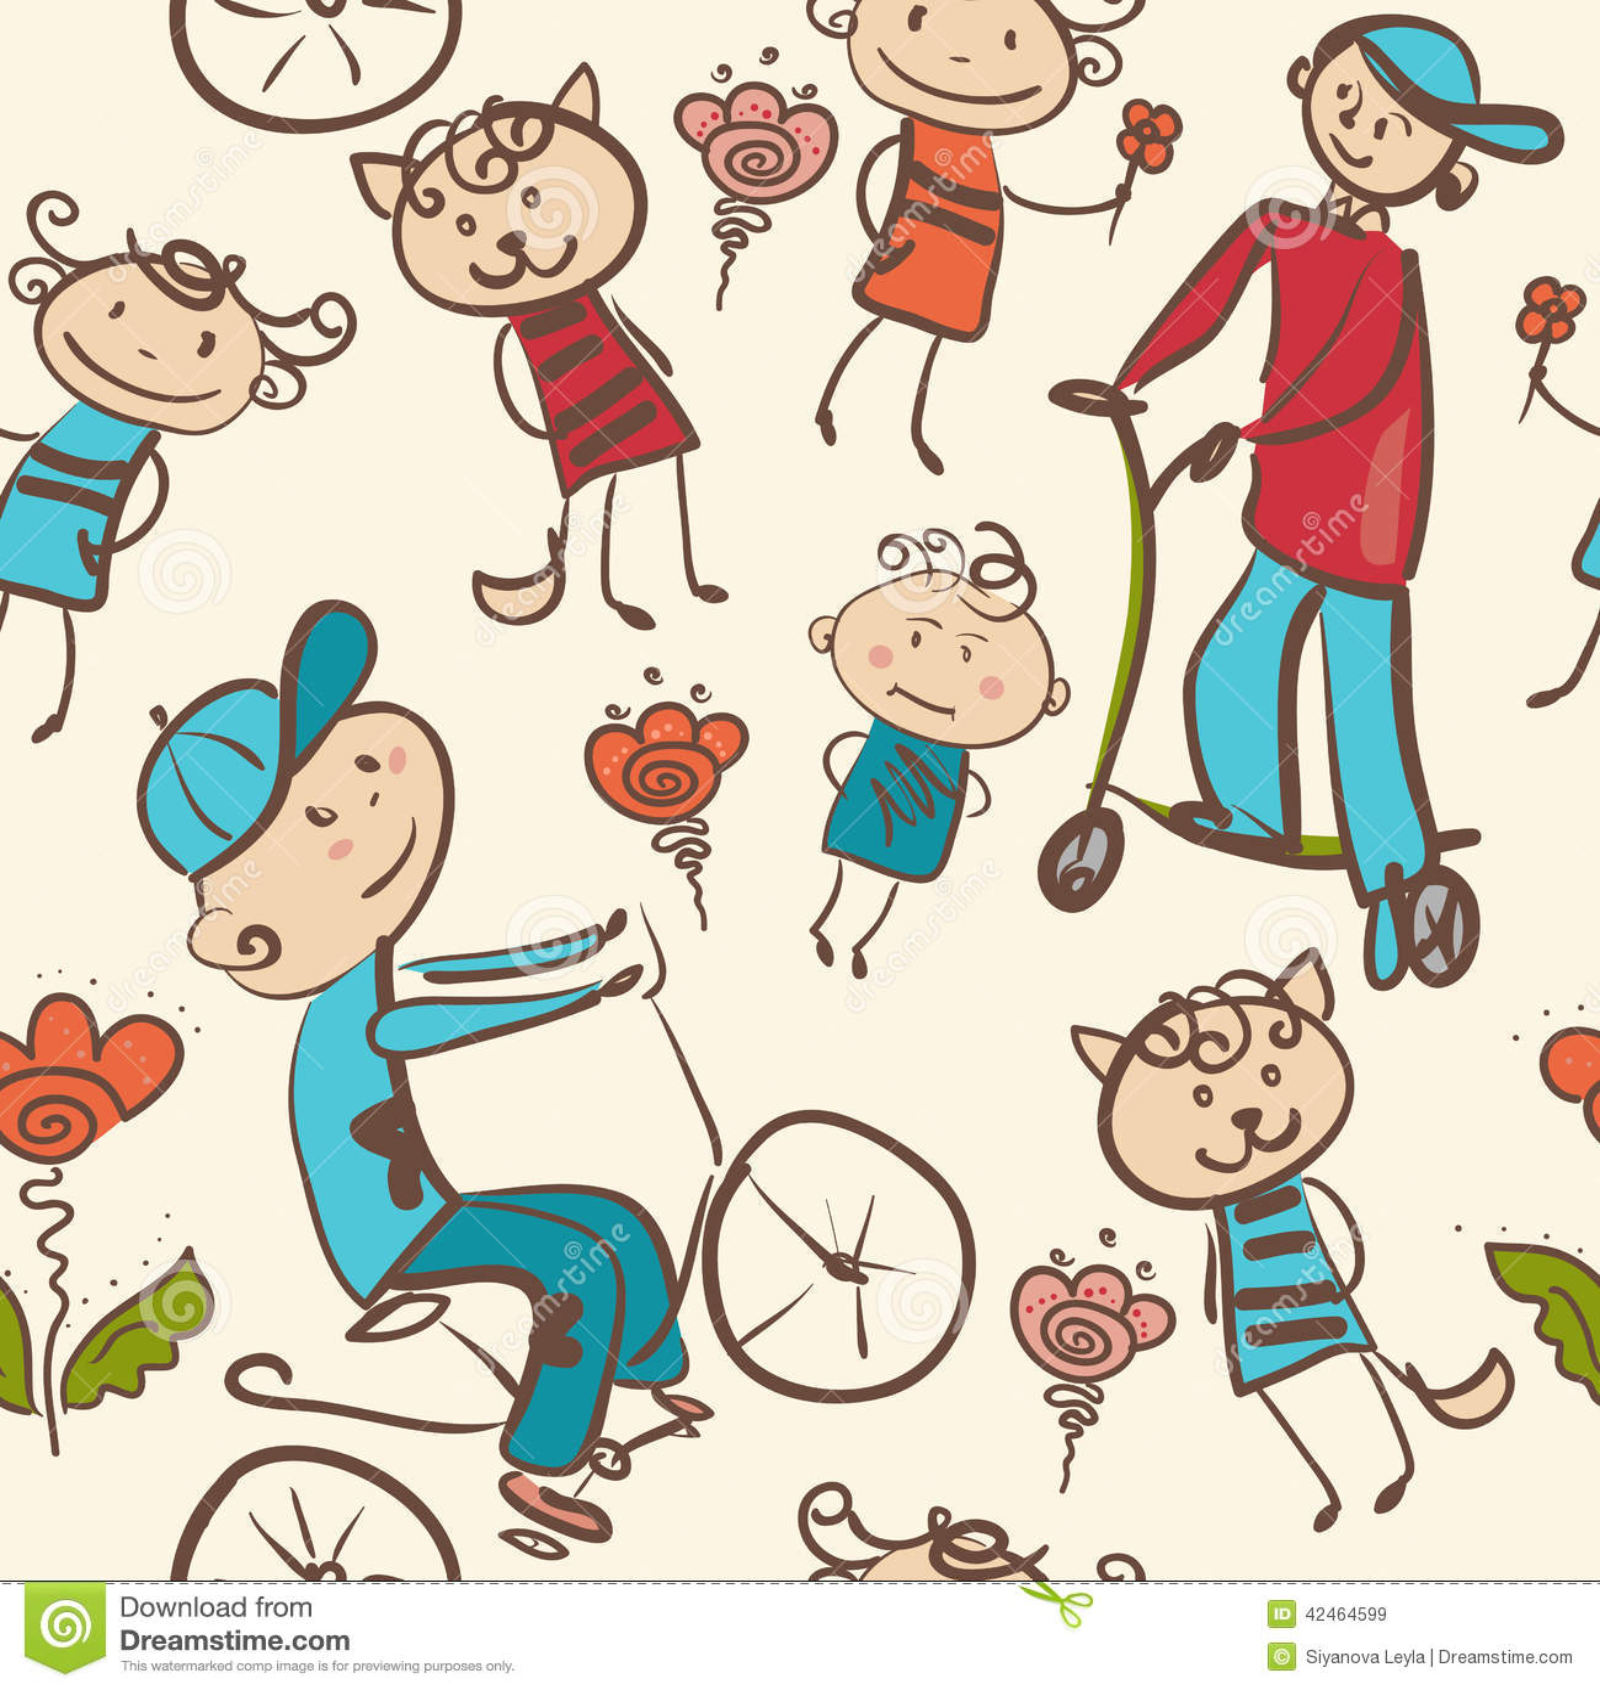 Bunte Skizze von Reitern eines Fahrrades und des Rollers in einem Park seamle